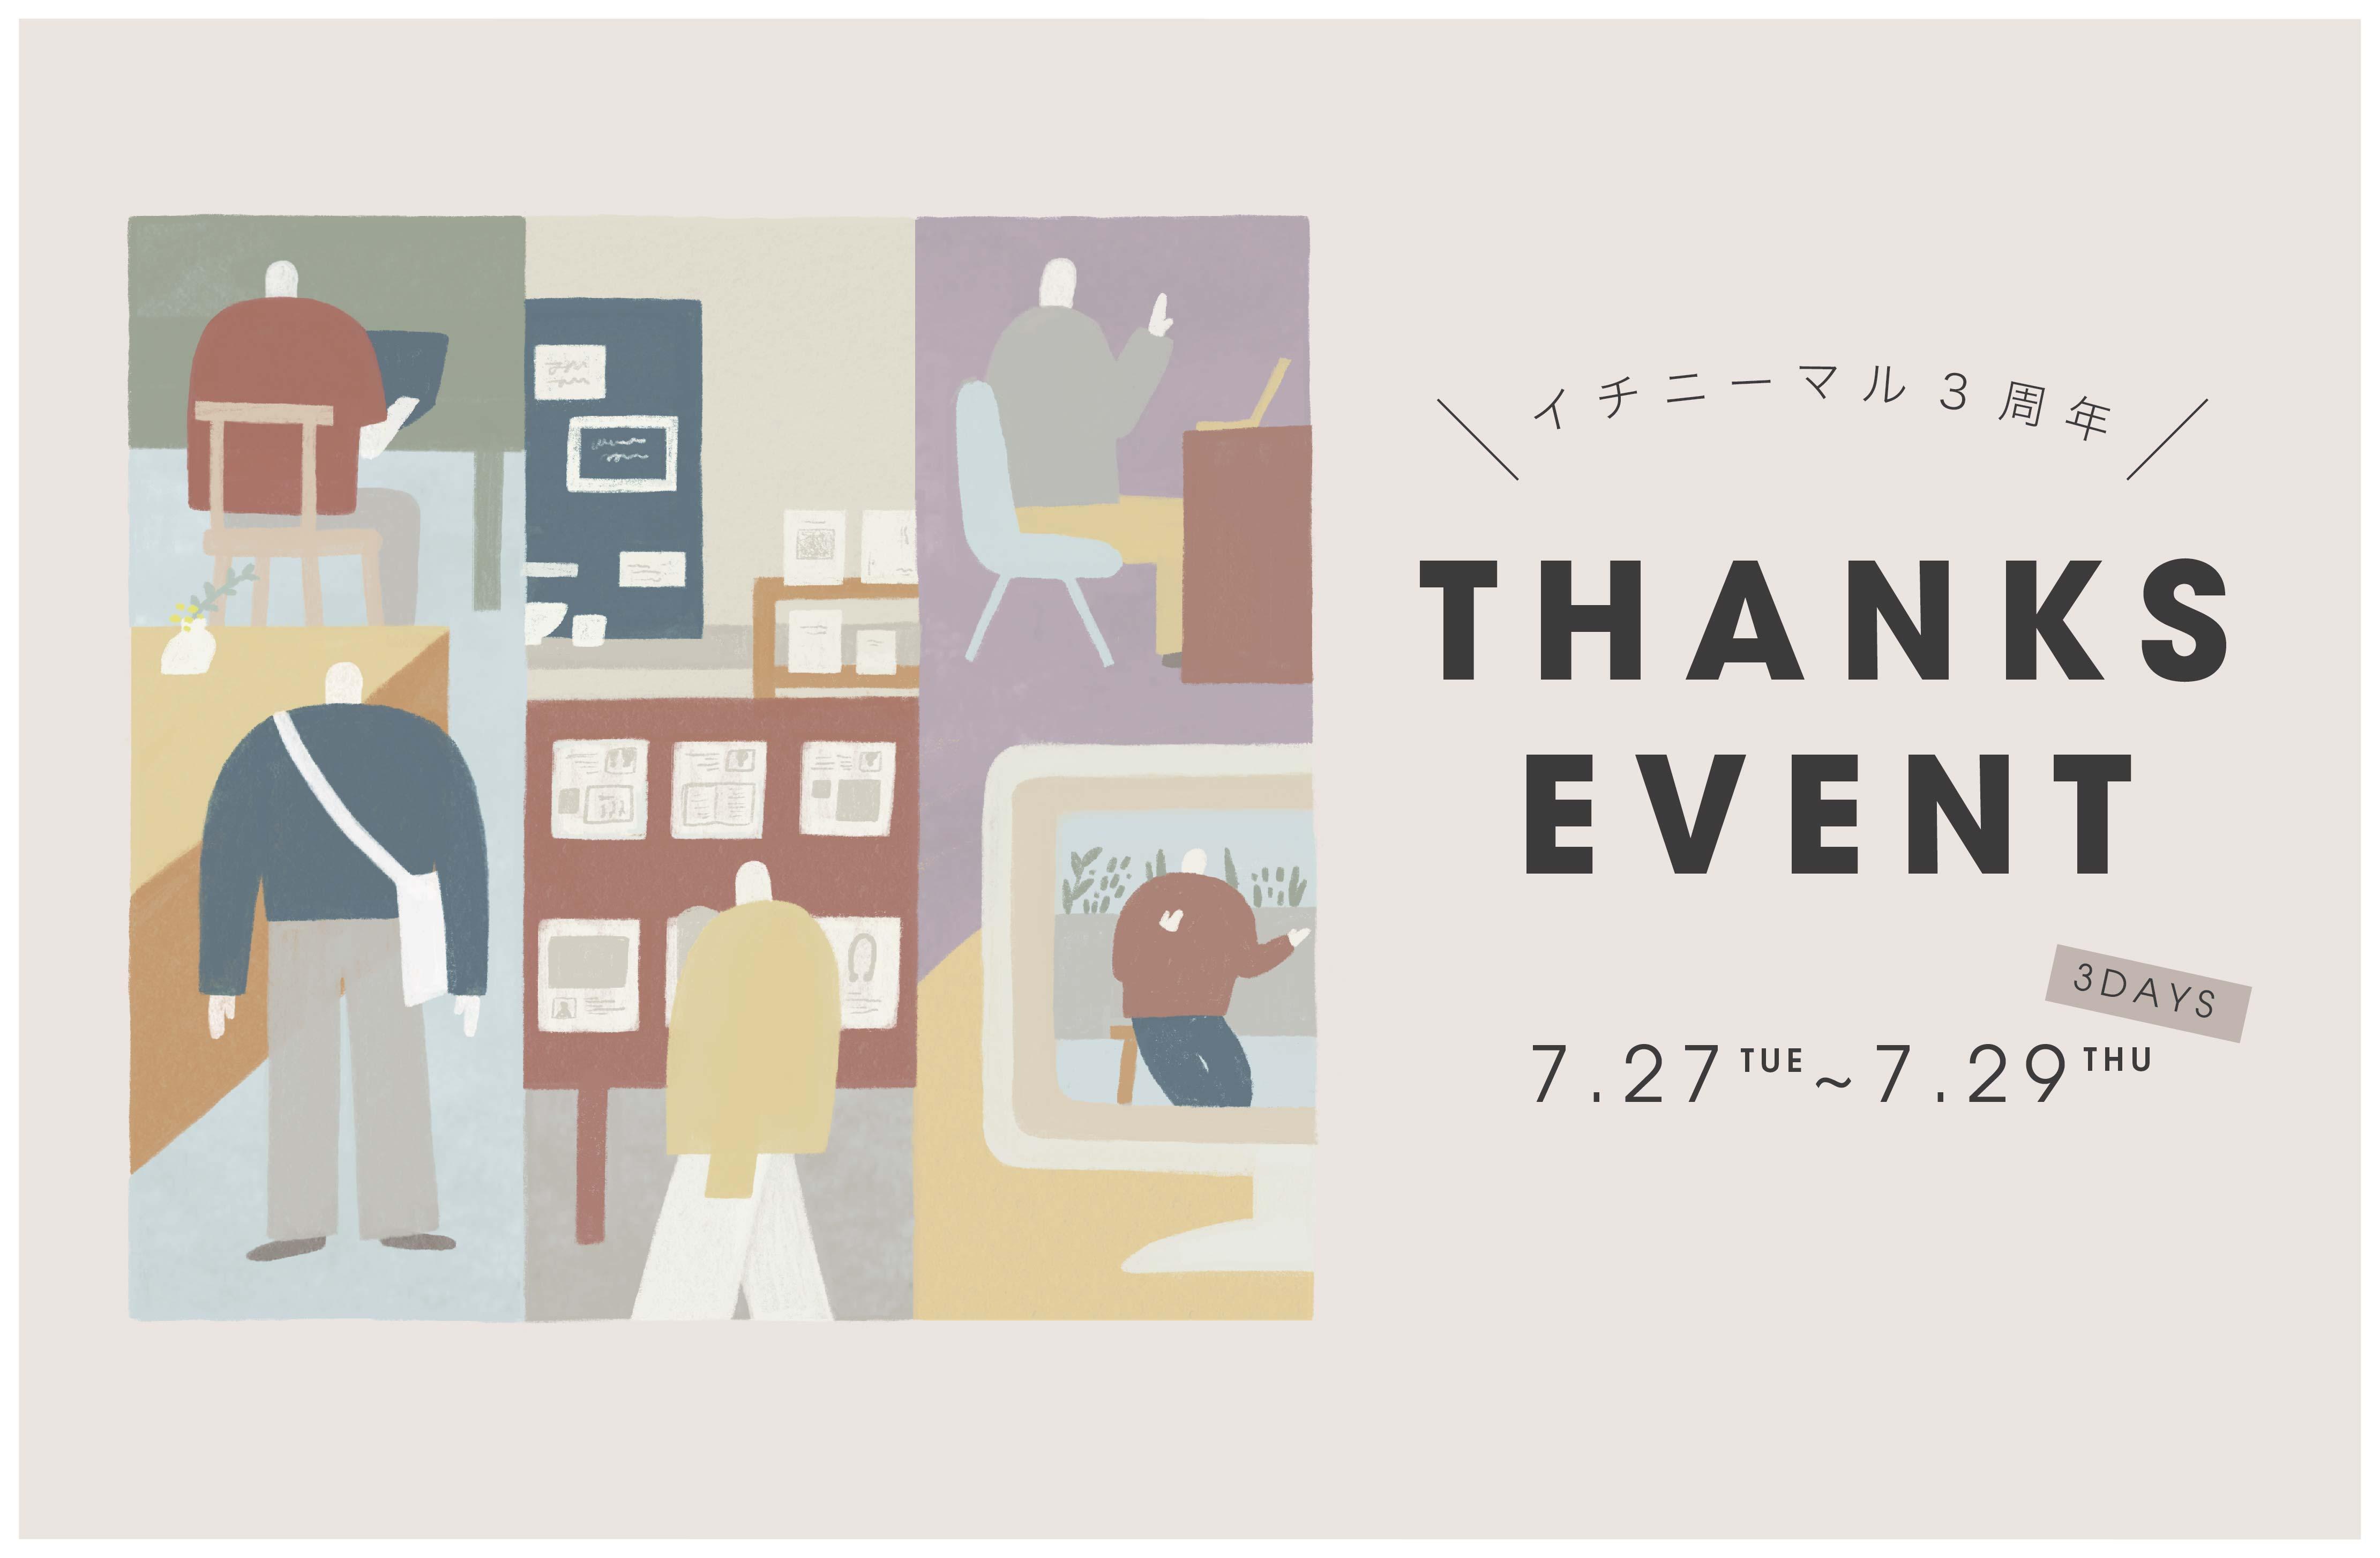 120 THANKS EVENT 7月27日(火)〜29日(木)開催